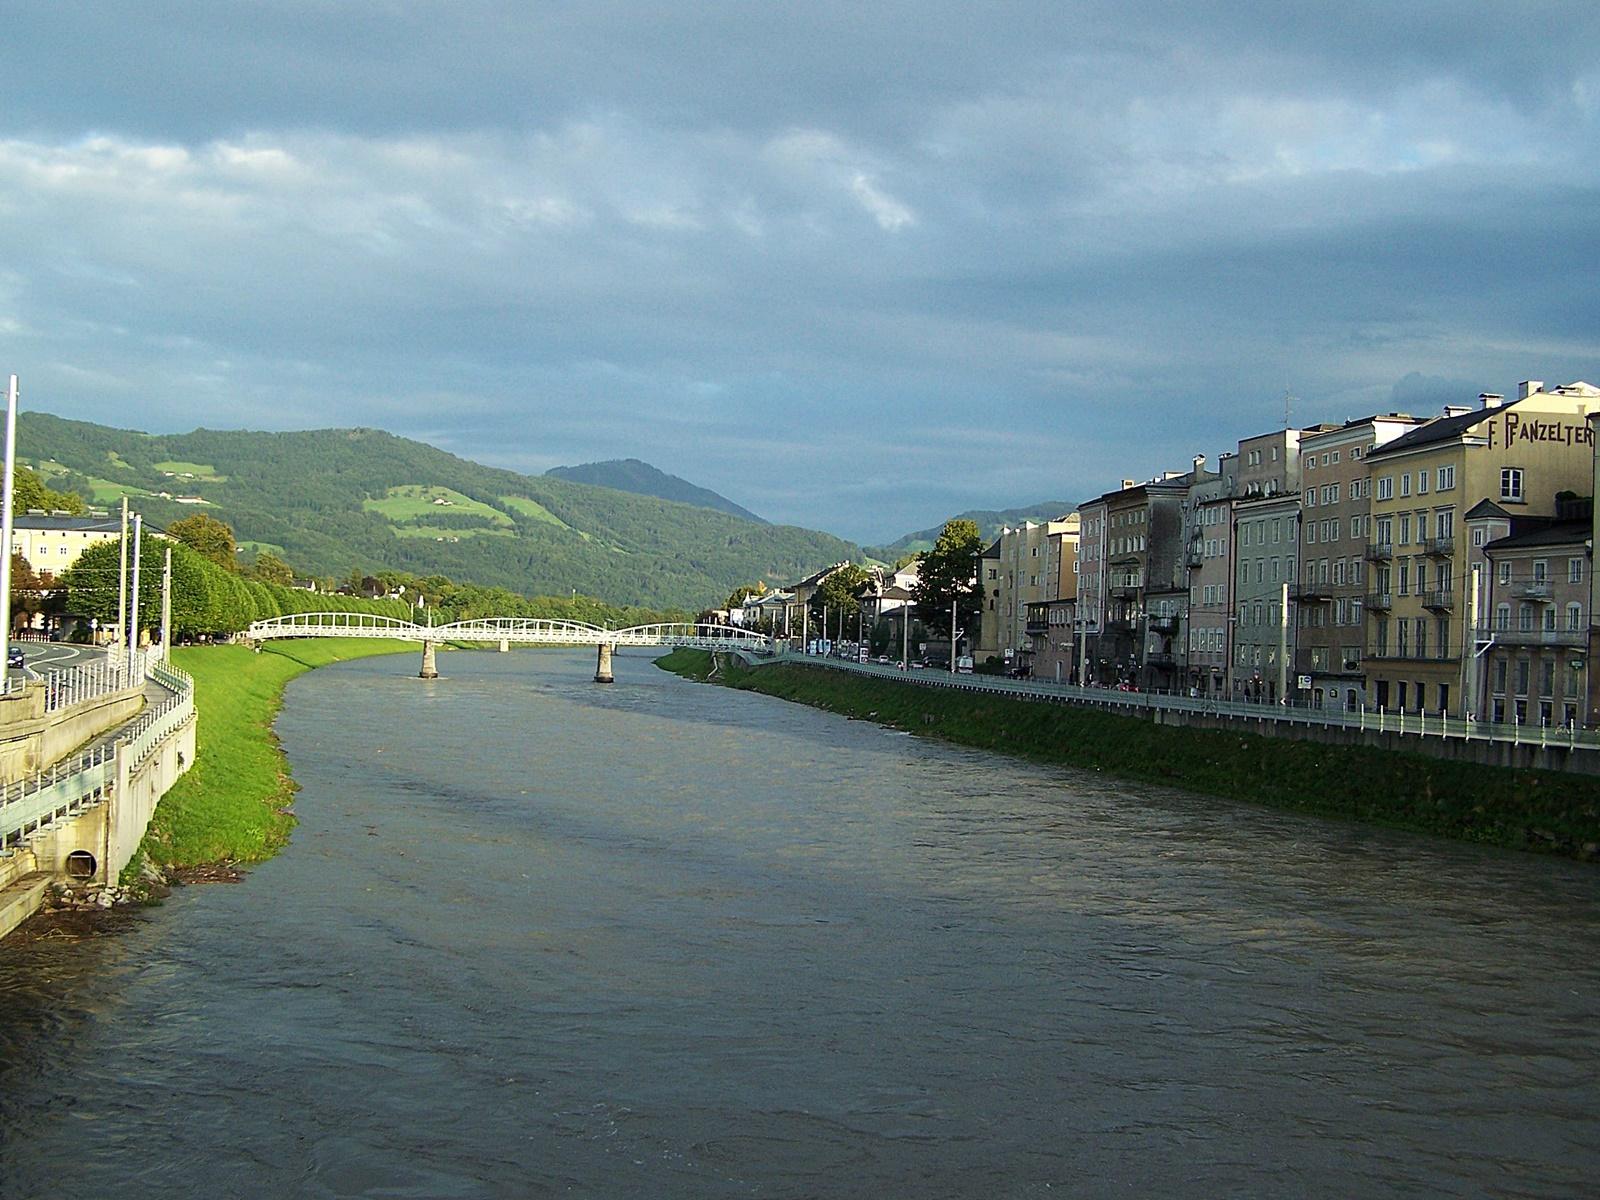 Salzach folyó 9 éve, nyáron